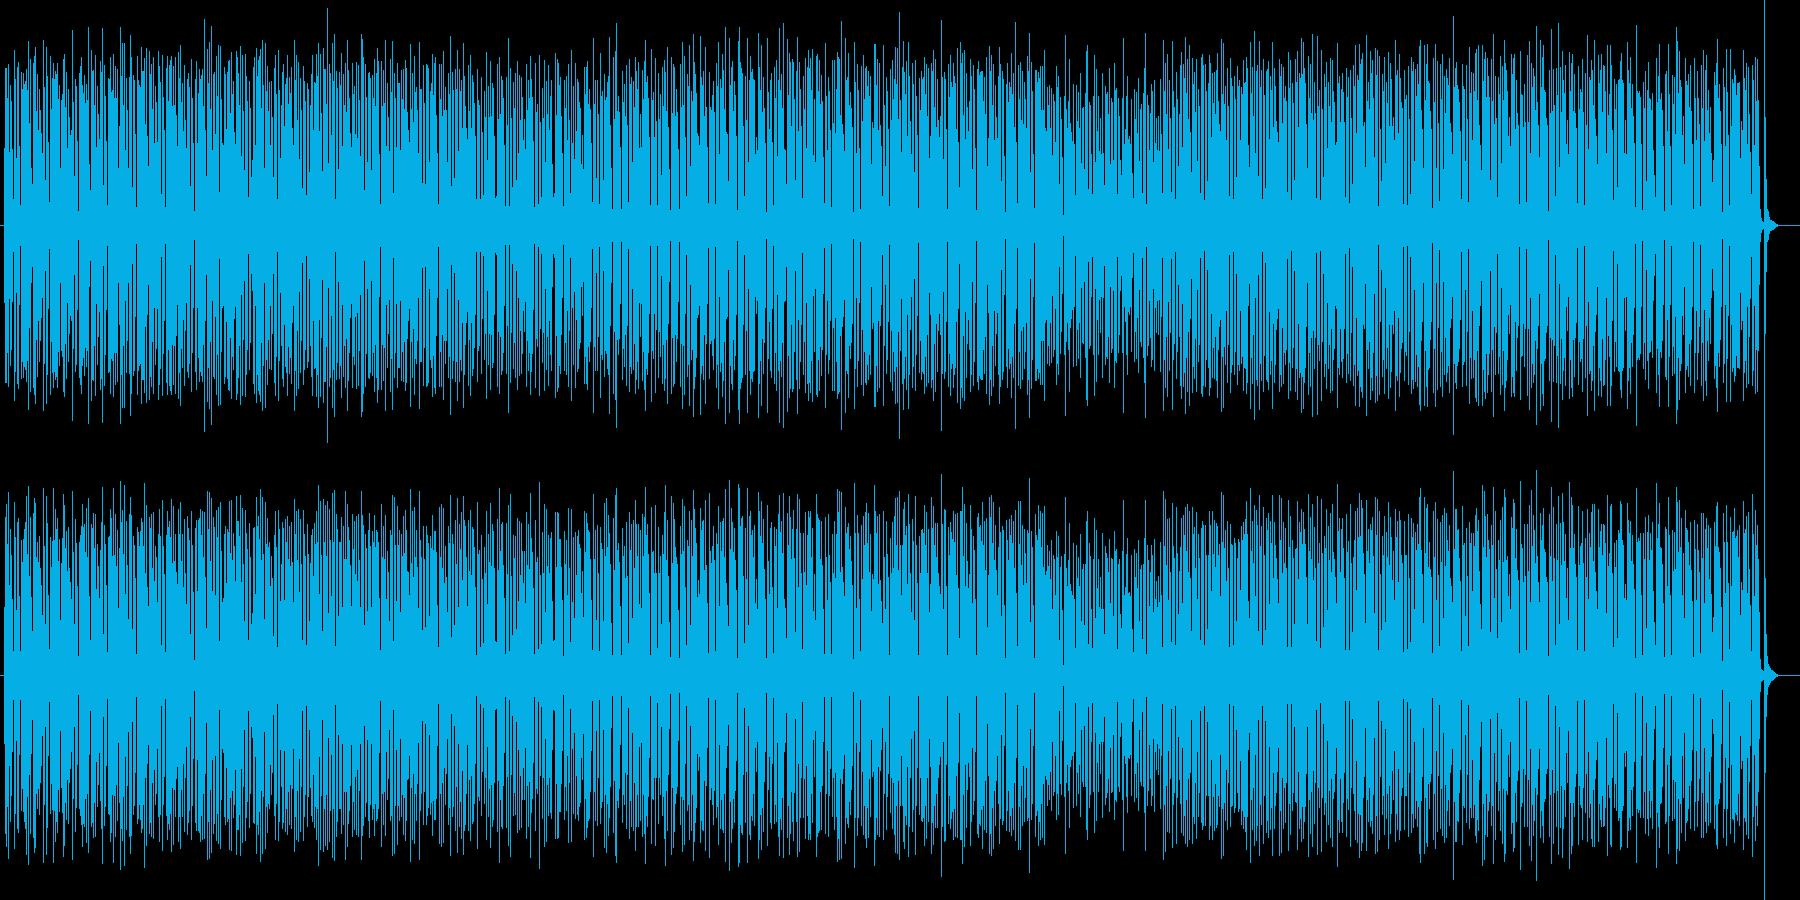 かわいいシンセサイザー電子音の再生済みの波形